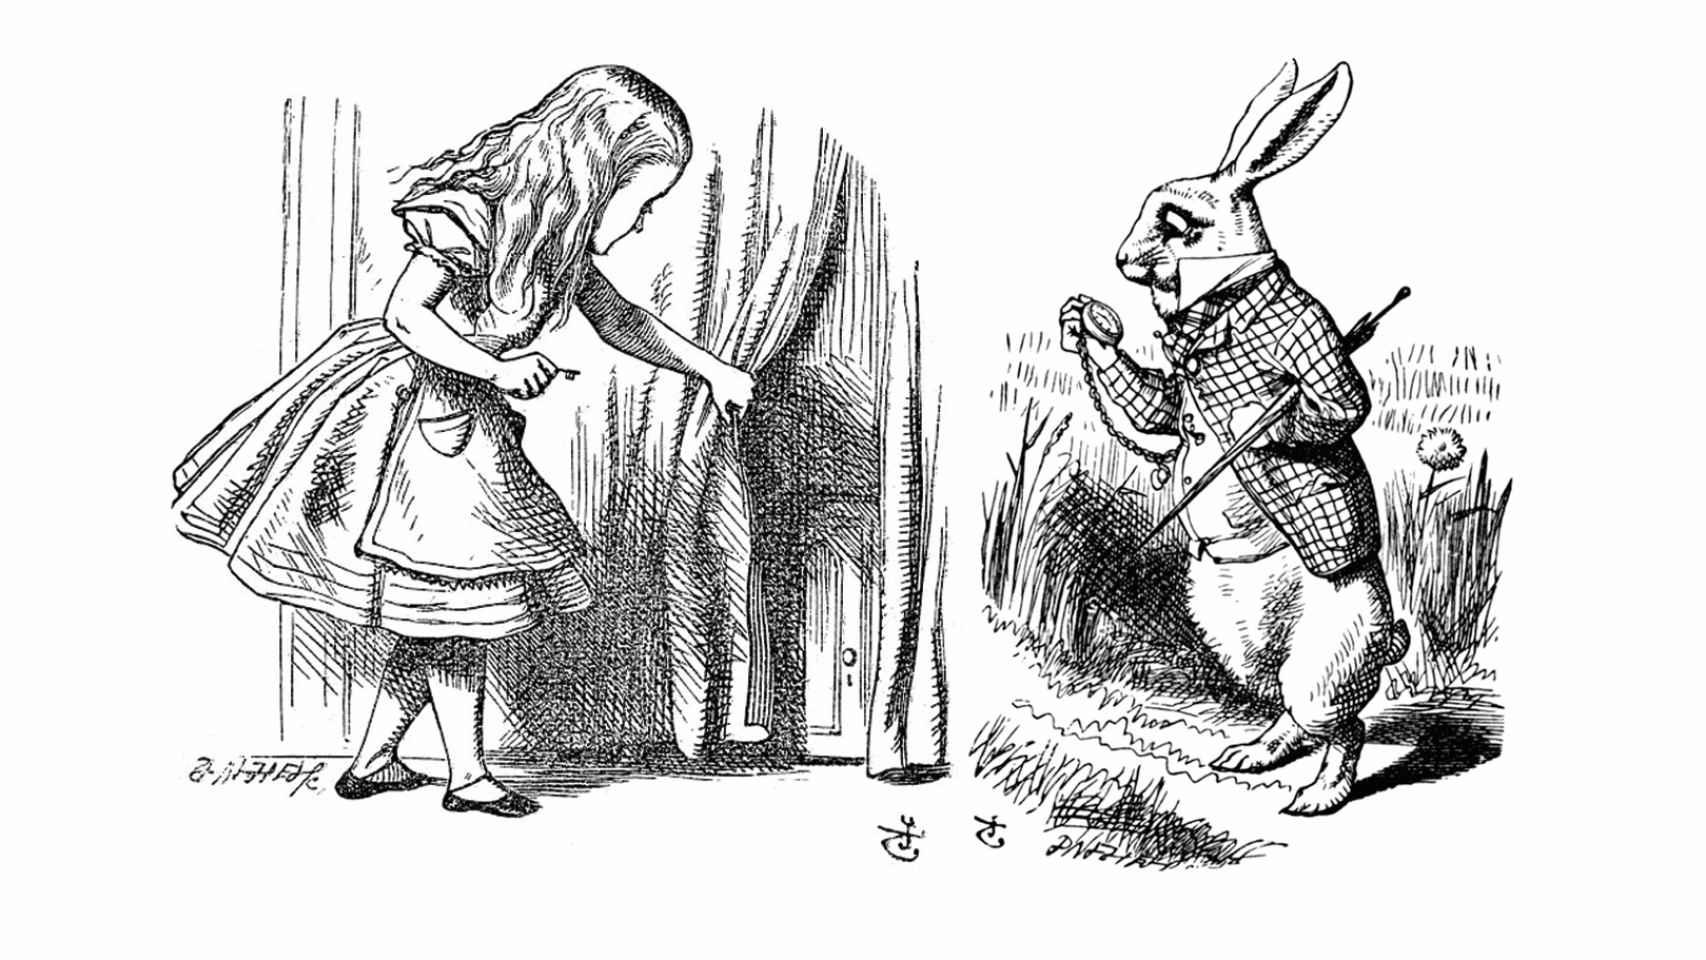 Ilustraciones de John Tenniel